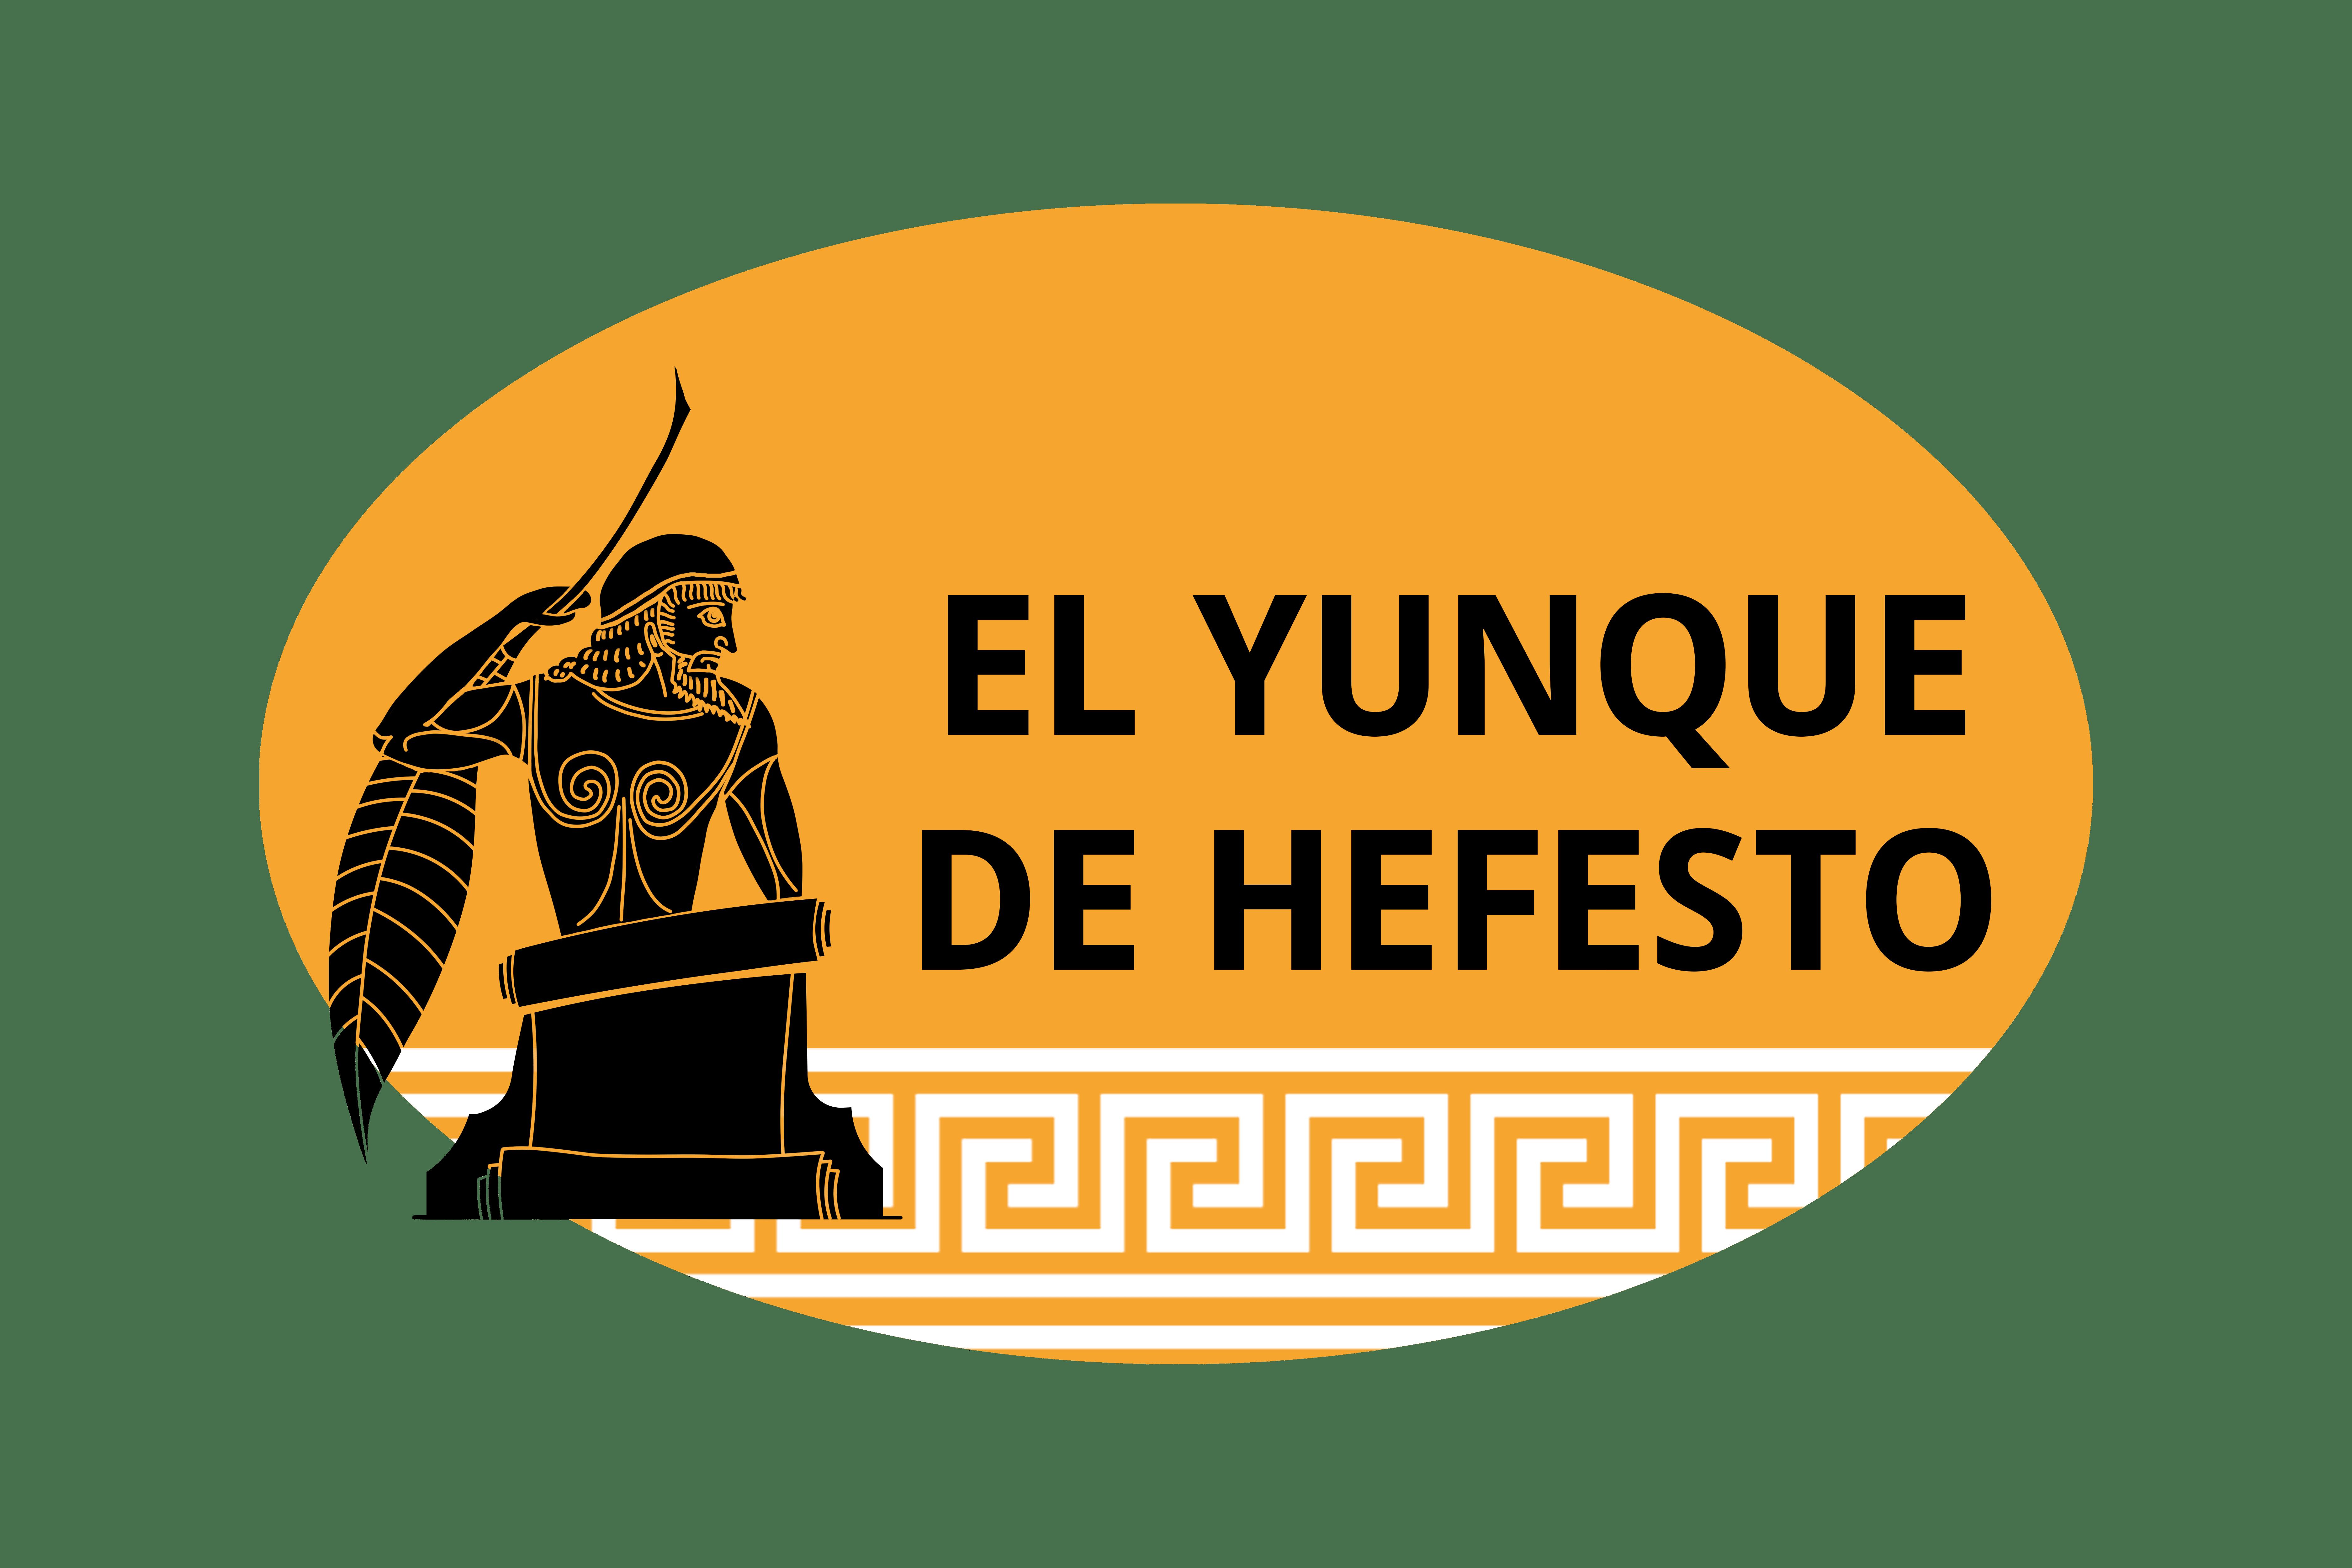 El Yunque de Hefesto